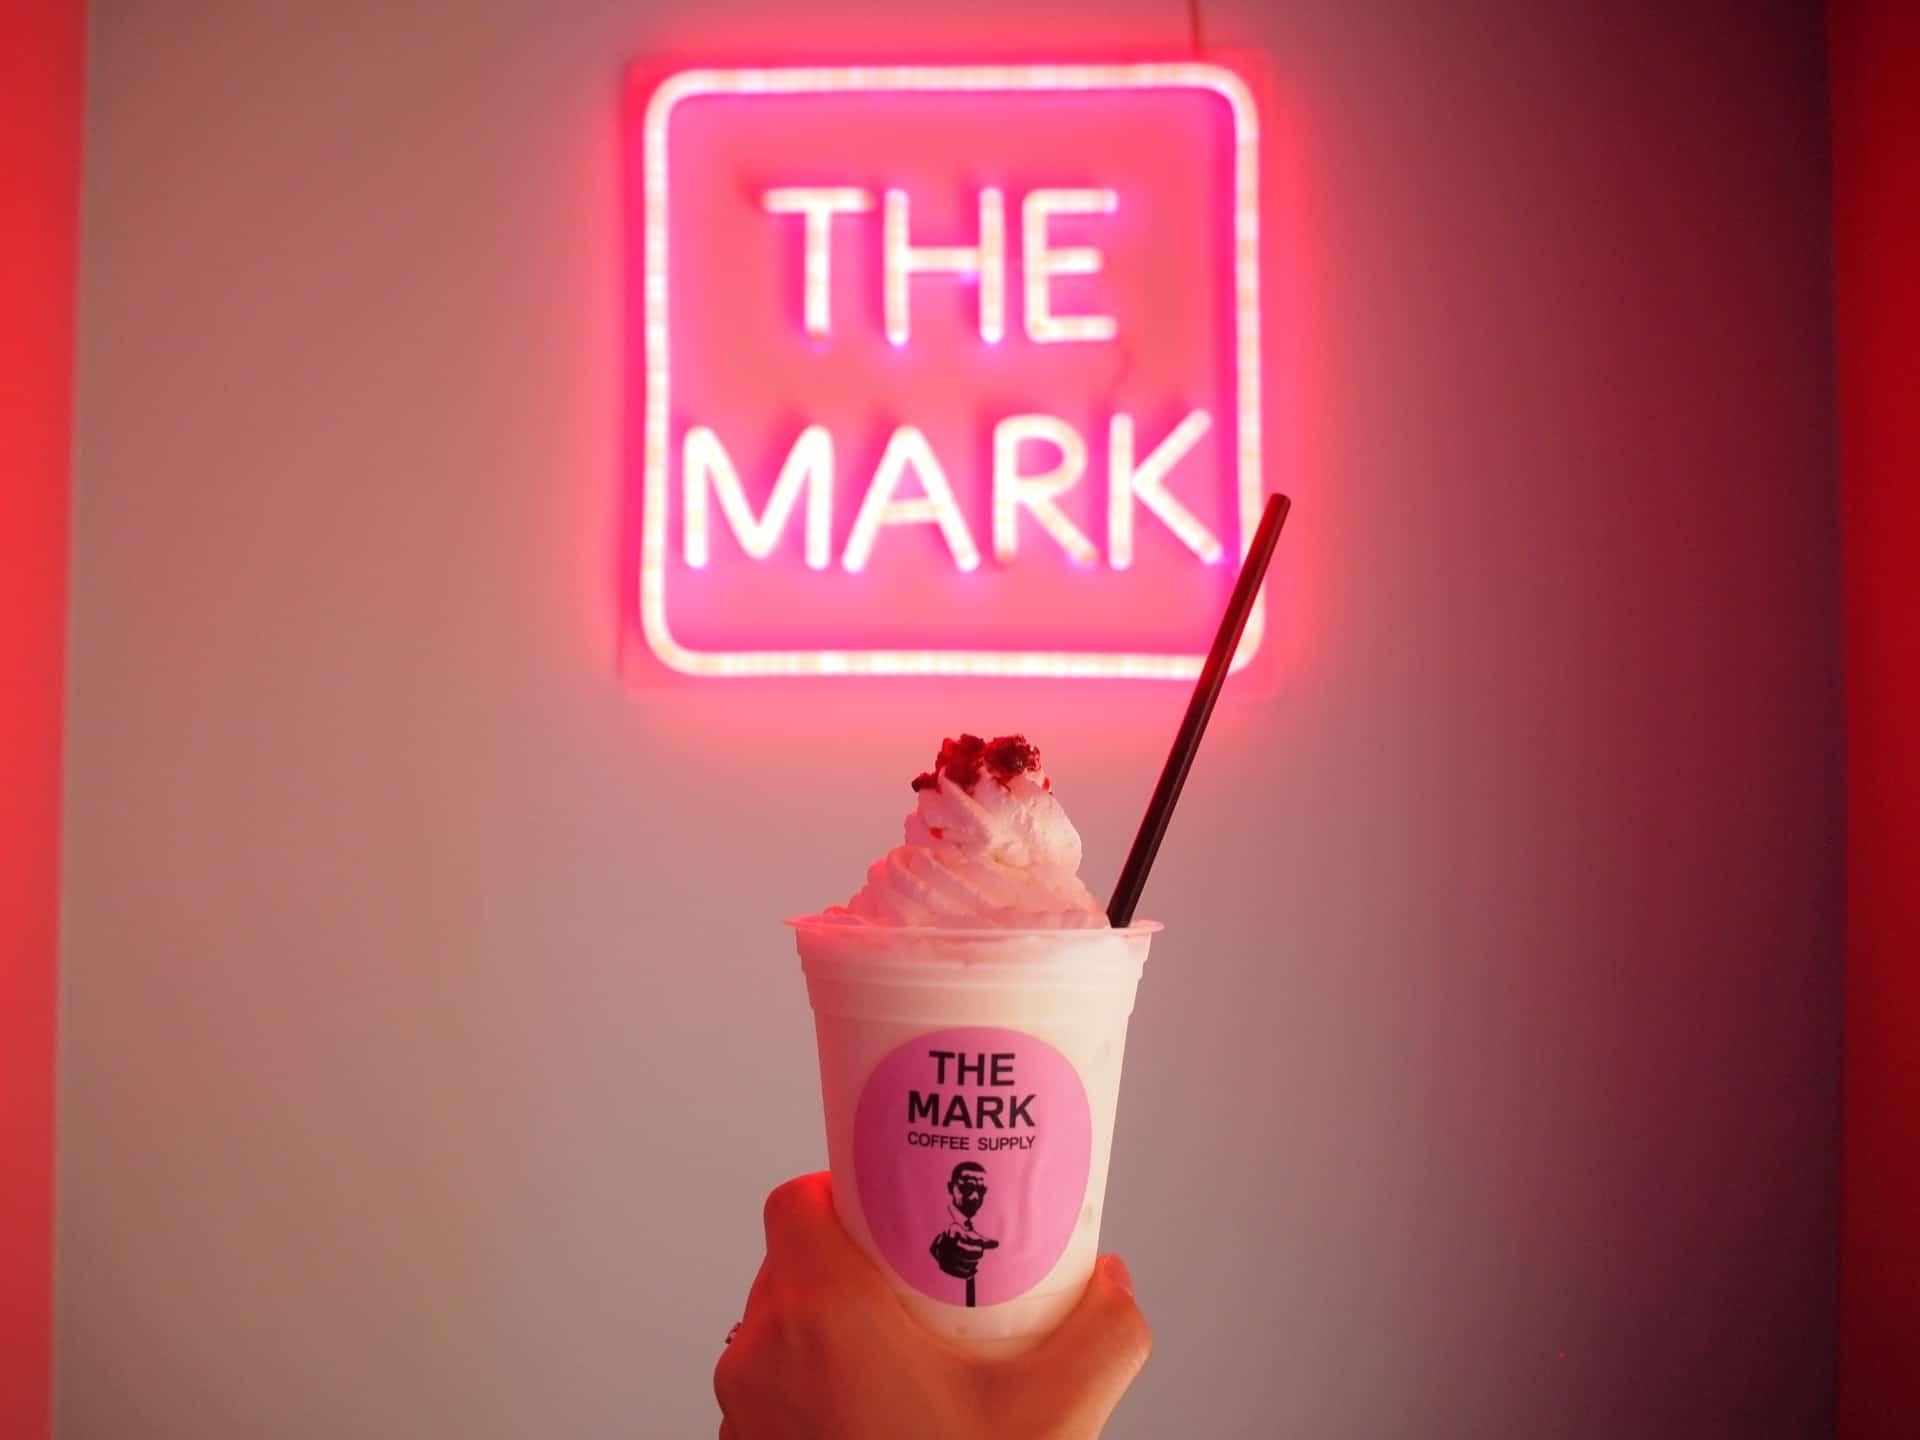 THE MARK COFFEE SUPPLY − 神戸・三宮の新たなフォトジェニックカフェ!ピンク×ネオンがインスタ映え抜群